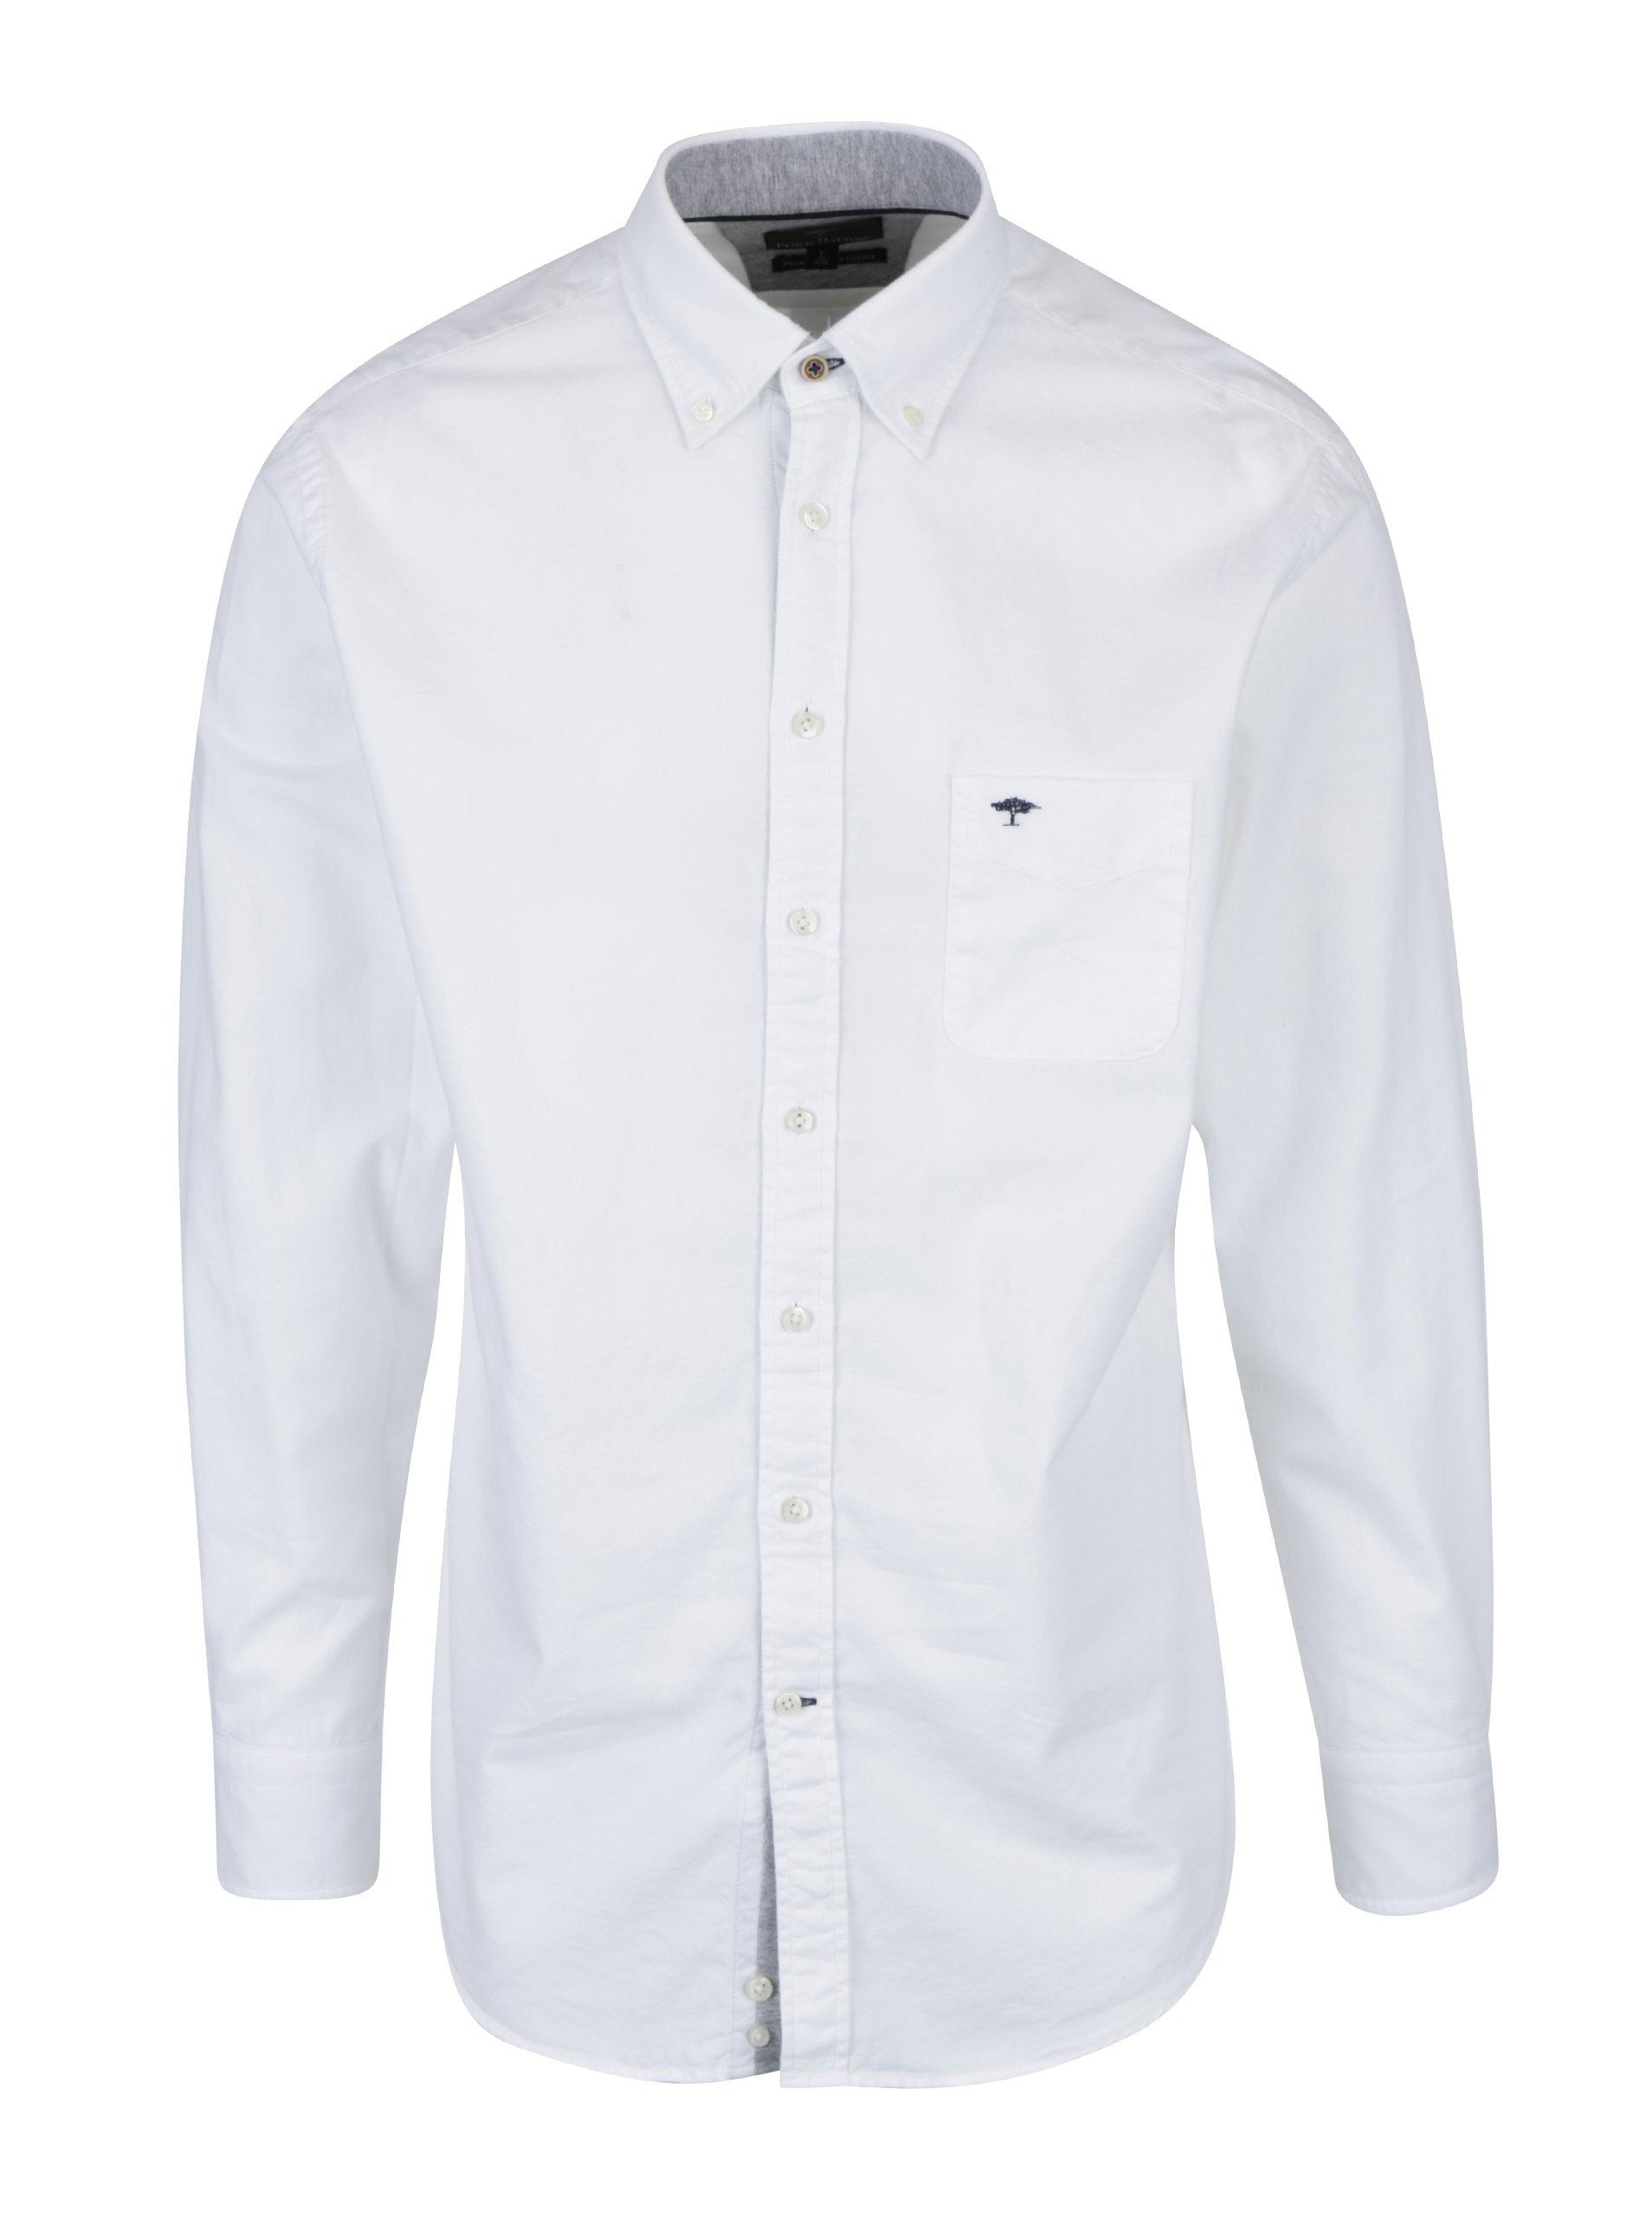 Bílá košile s náprsní kapsou Fynch-Hatton